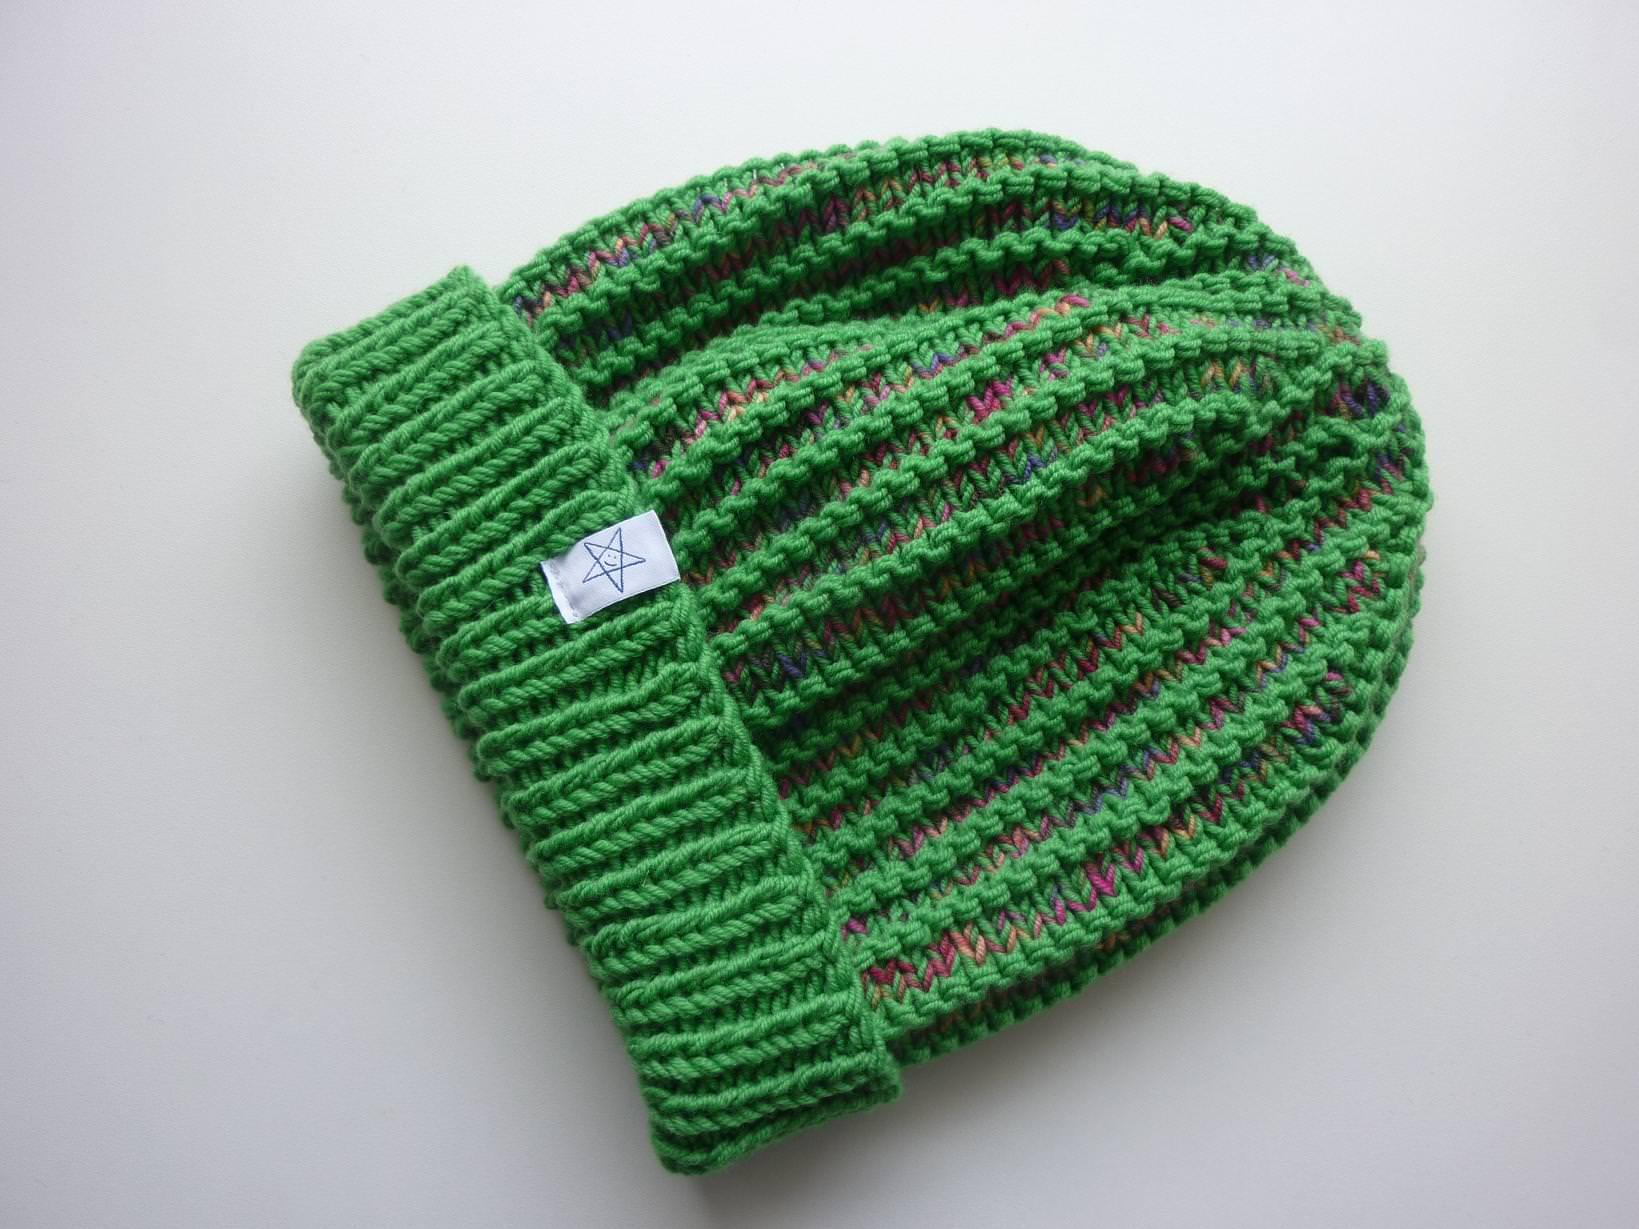 Kleinesbild - Strickmütze mit Umschlag in Grün und Bunt aus Schurwolle handgestrickt